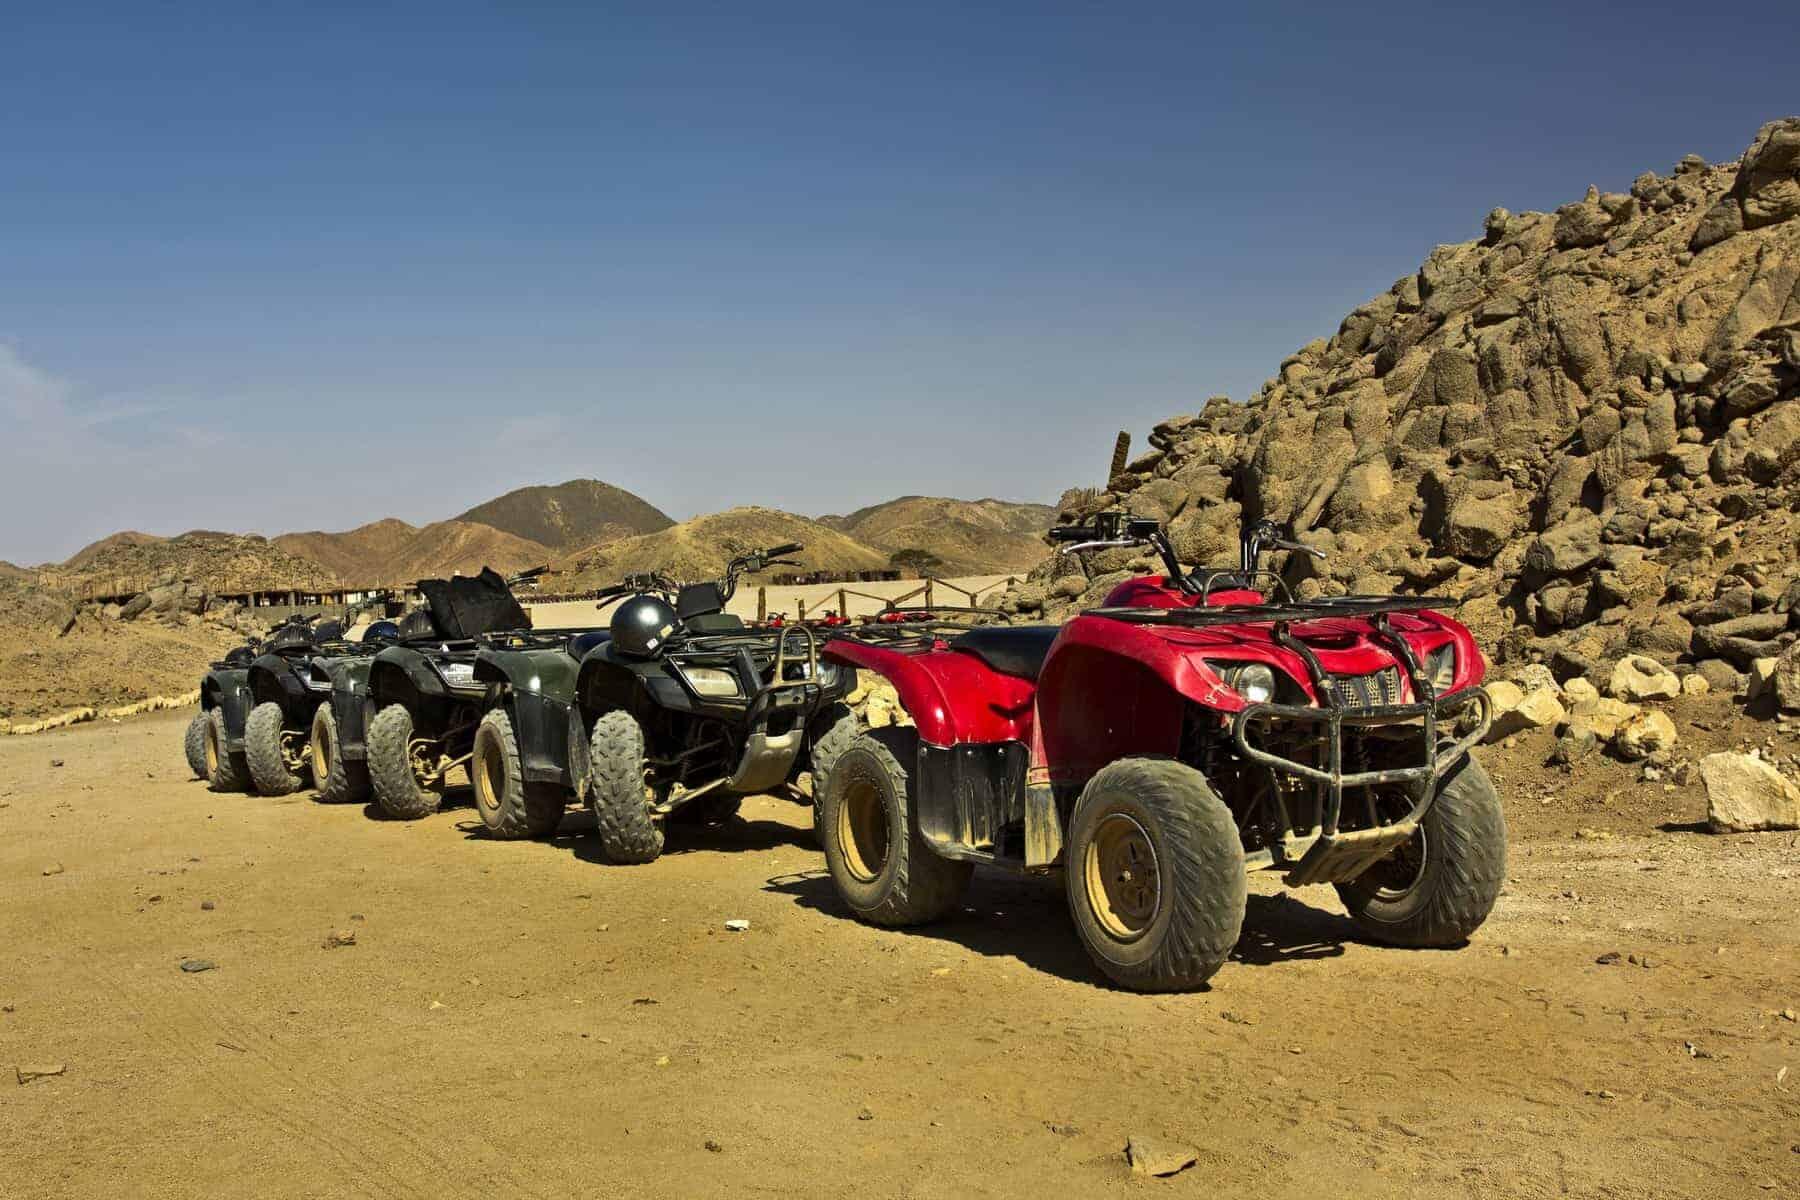 Udflugt på Quad bike nær Hurghada